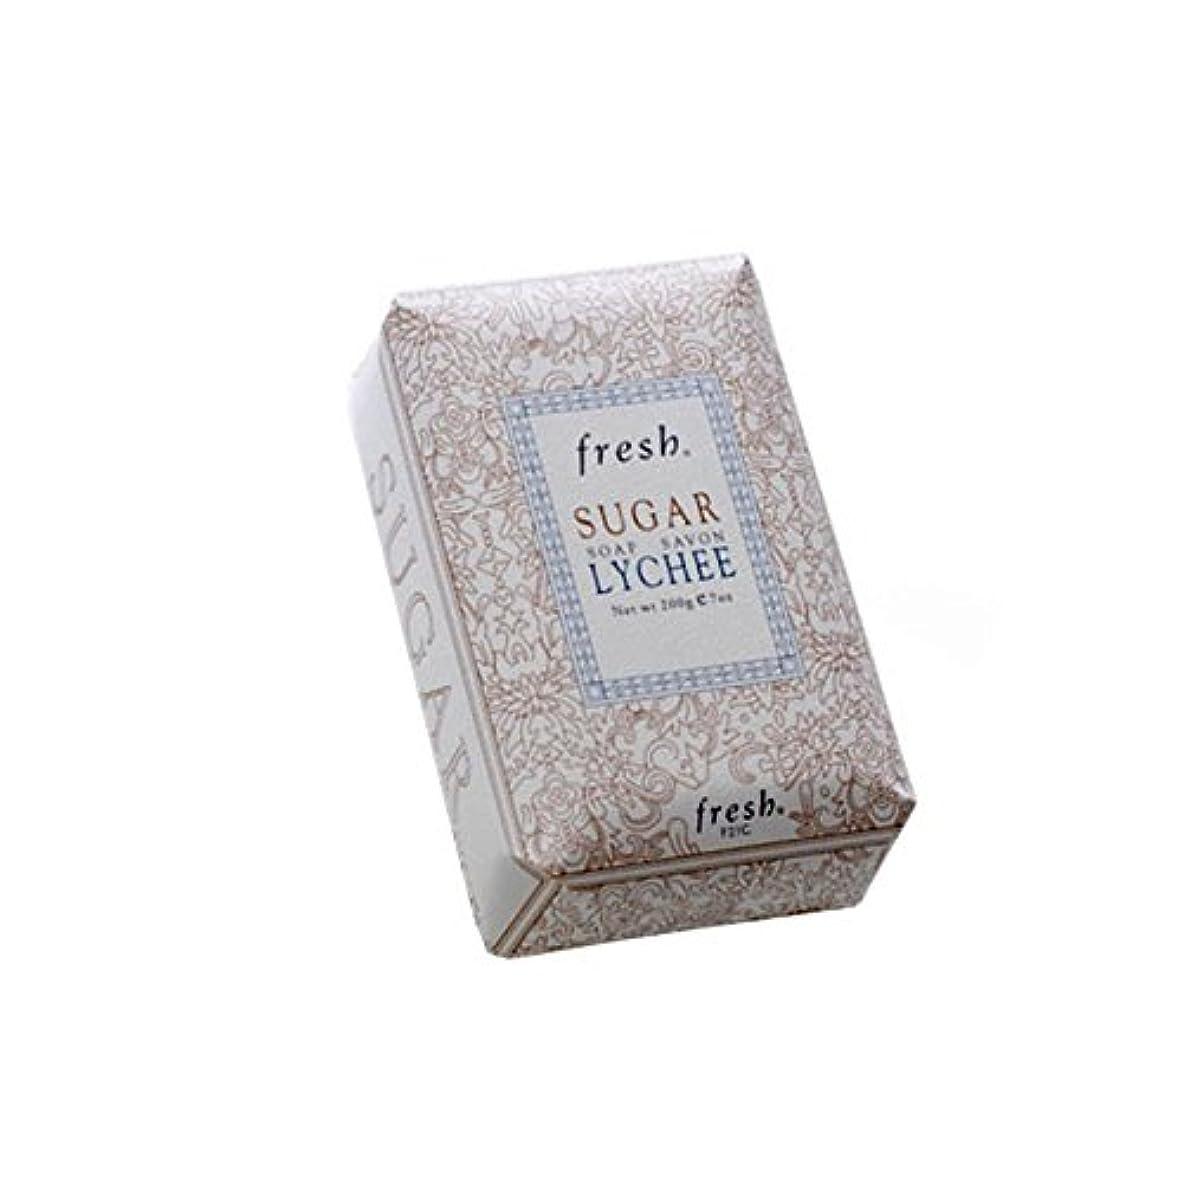 男らしさゴネリルジェームズダイソンFresh フレッシュ シュガーライチ石鹸 Sugar Lychee Soap, 200g/7oz [海外直送品] [並行輸入品]